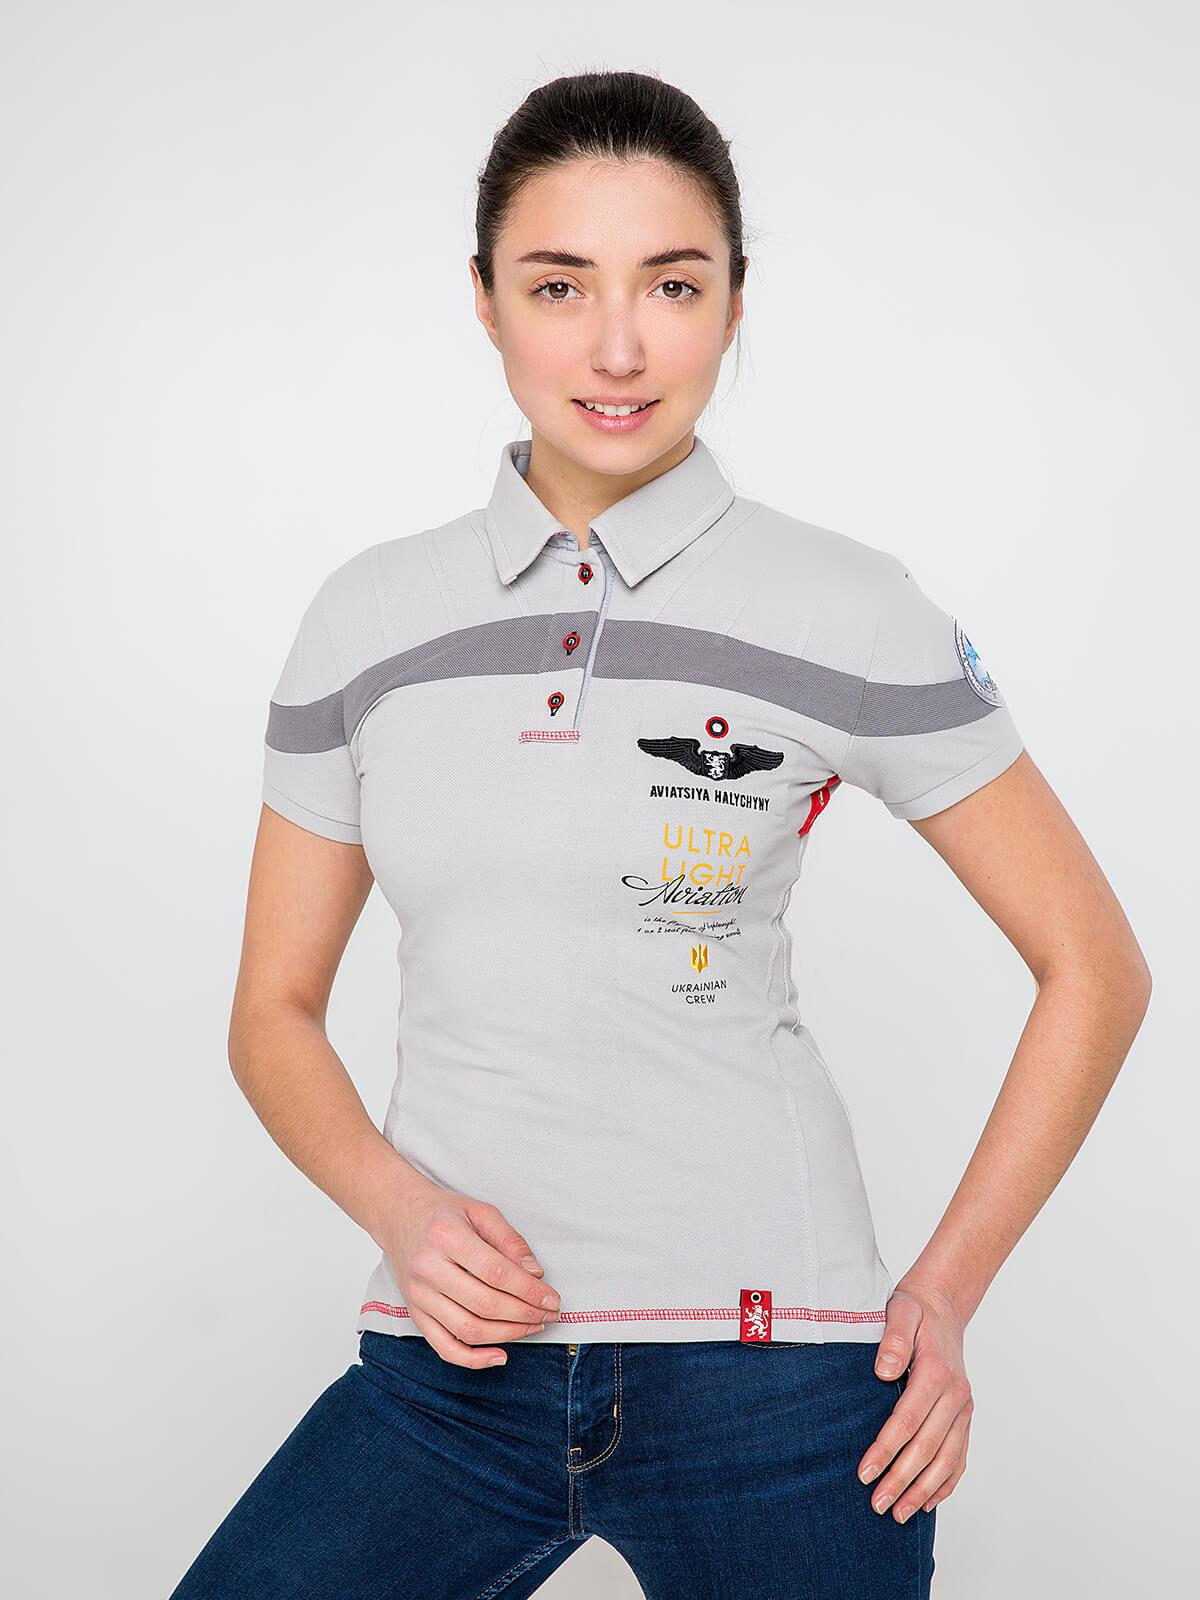 Women's Polo Shirt Borzhava. Color gray. Pique fabric: 100% cotton.